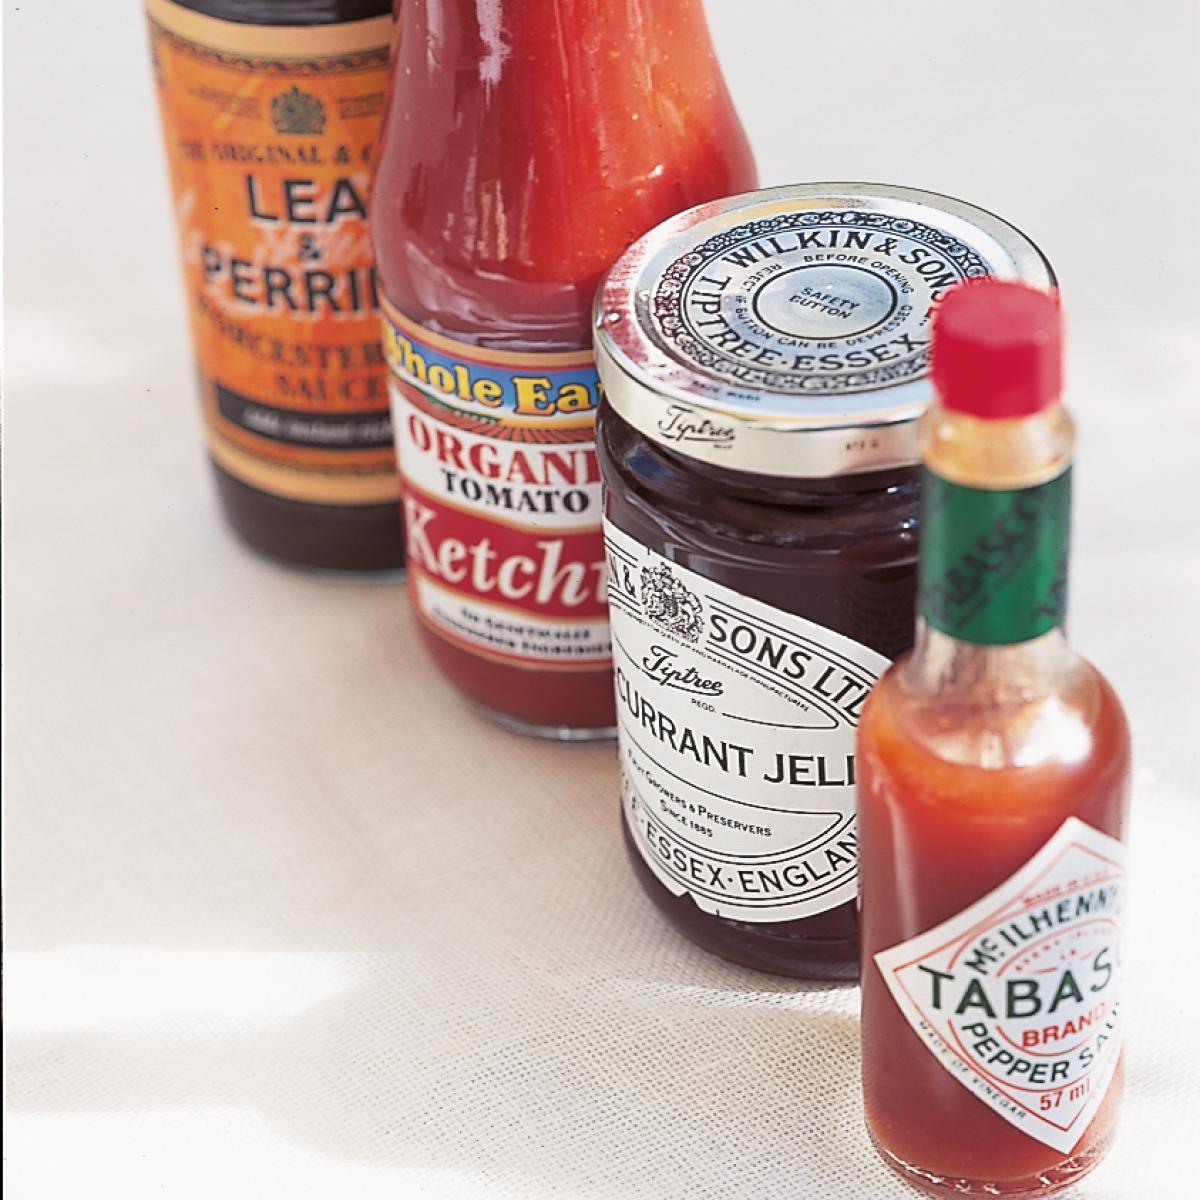 Ingredient htc tomato ketchup organic